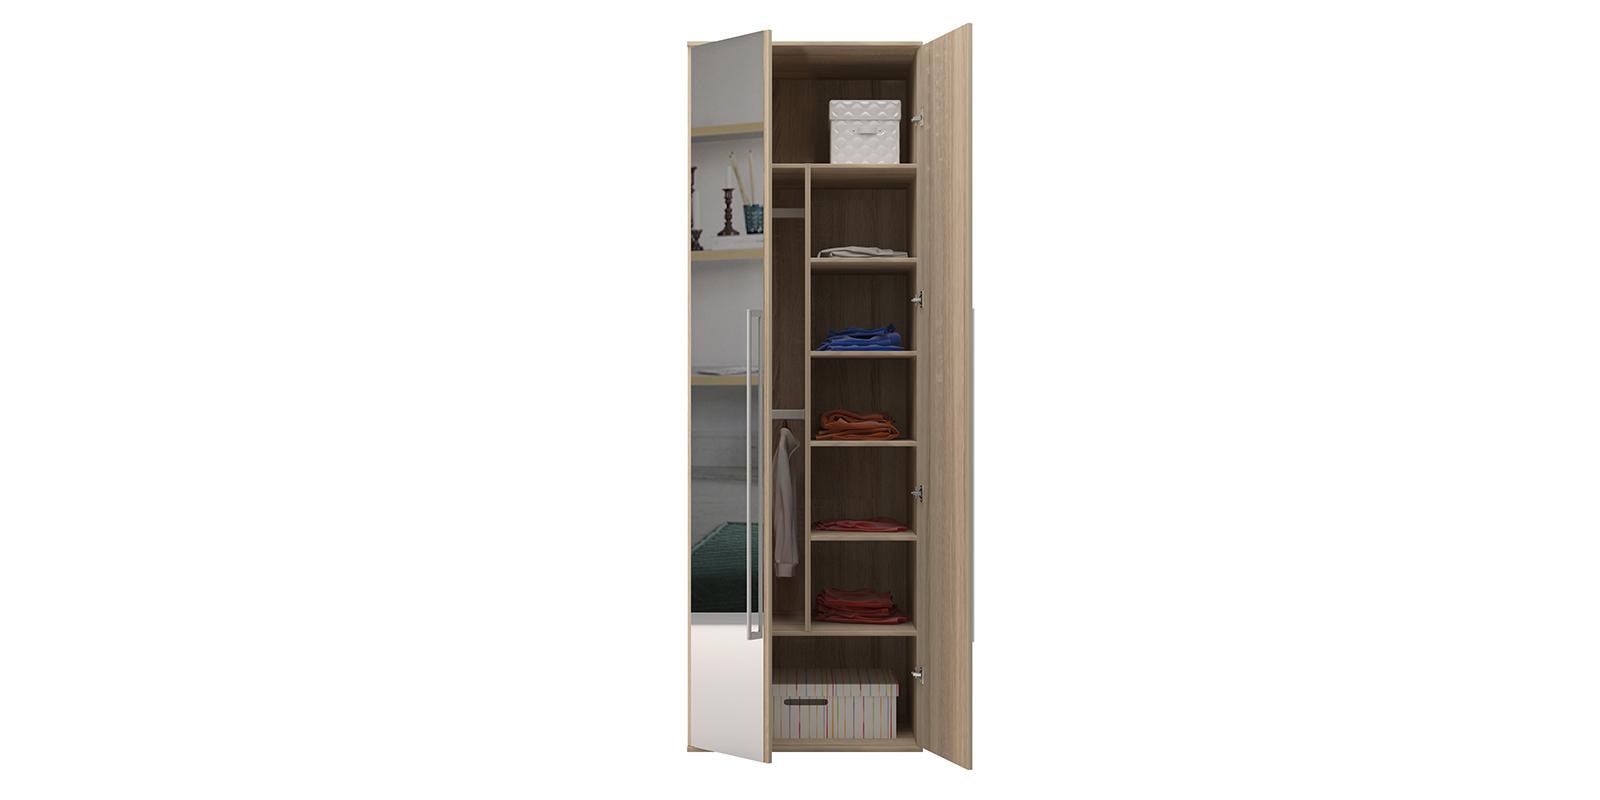 Шкаф распашной двухдверный Бали вариант №2 (дуб сонома/зеркальный) от HomeMe.ru